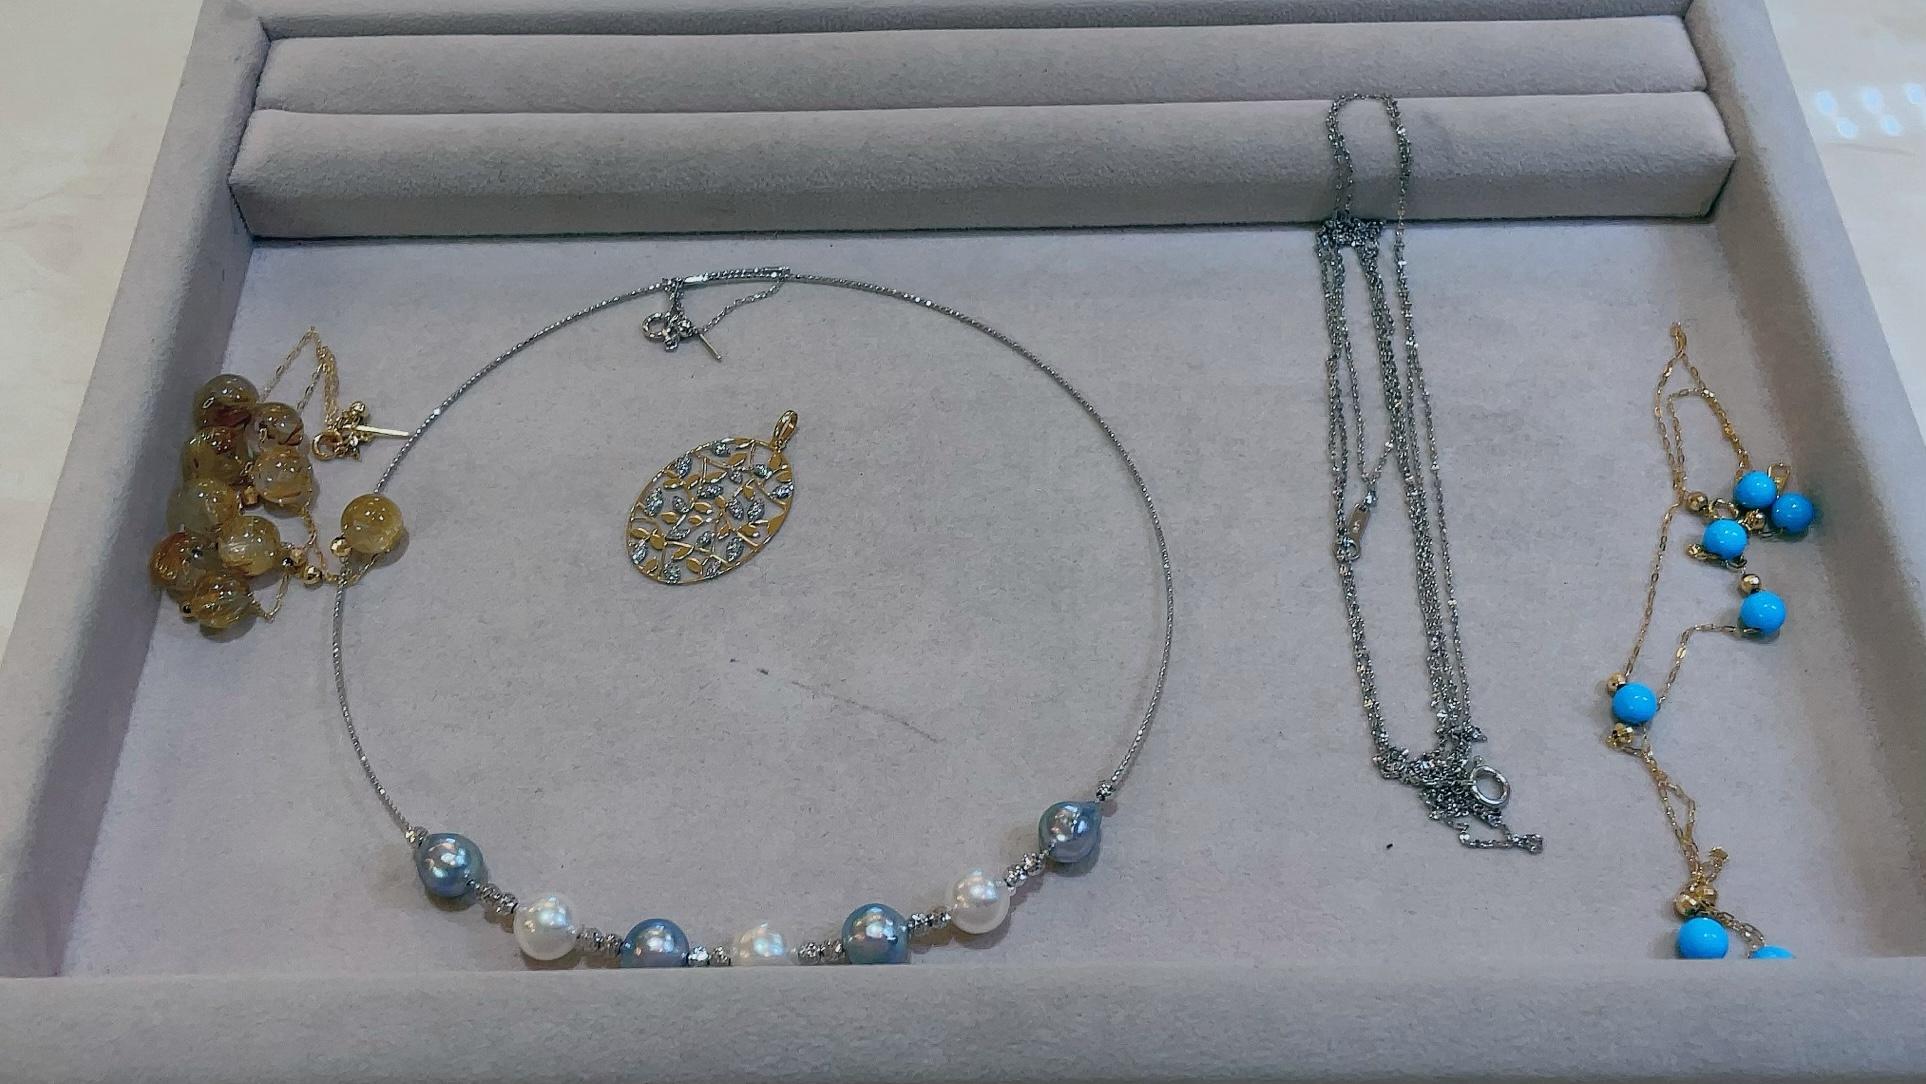 【買取速報】タヒチパール、ダイヤモンド、トルコ石、南洋パール、ネックレス、ペンダント、ペンダ-2021-08-31